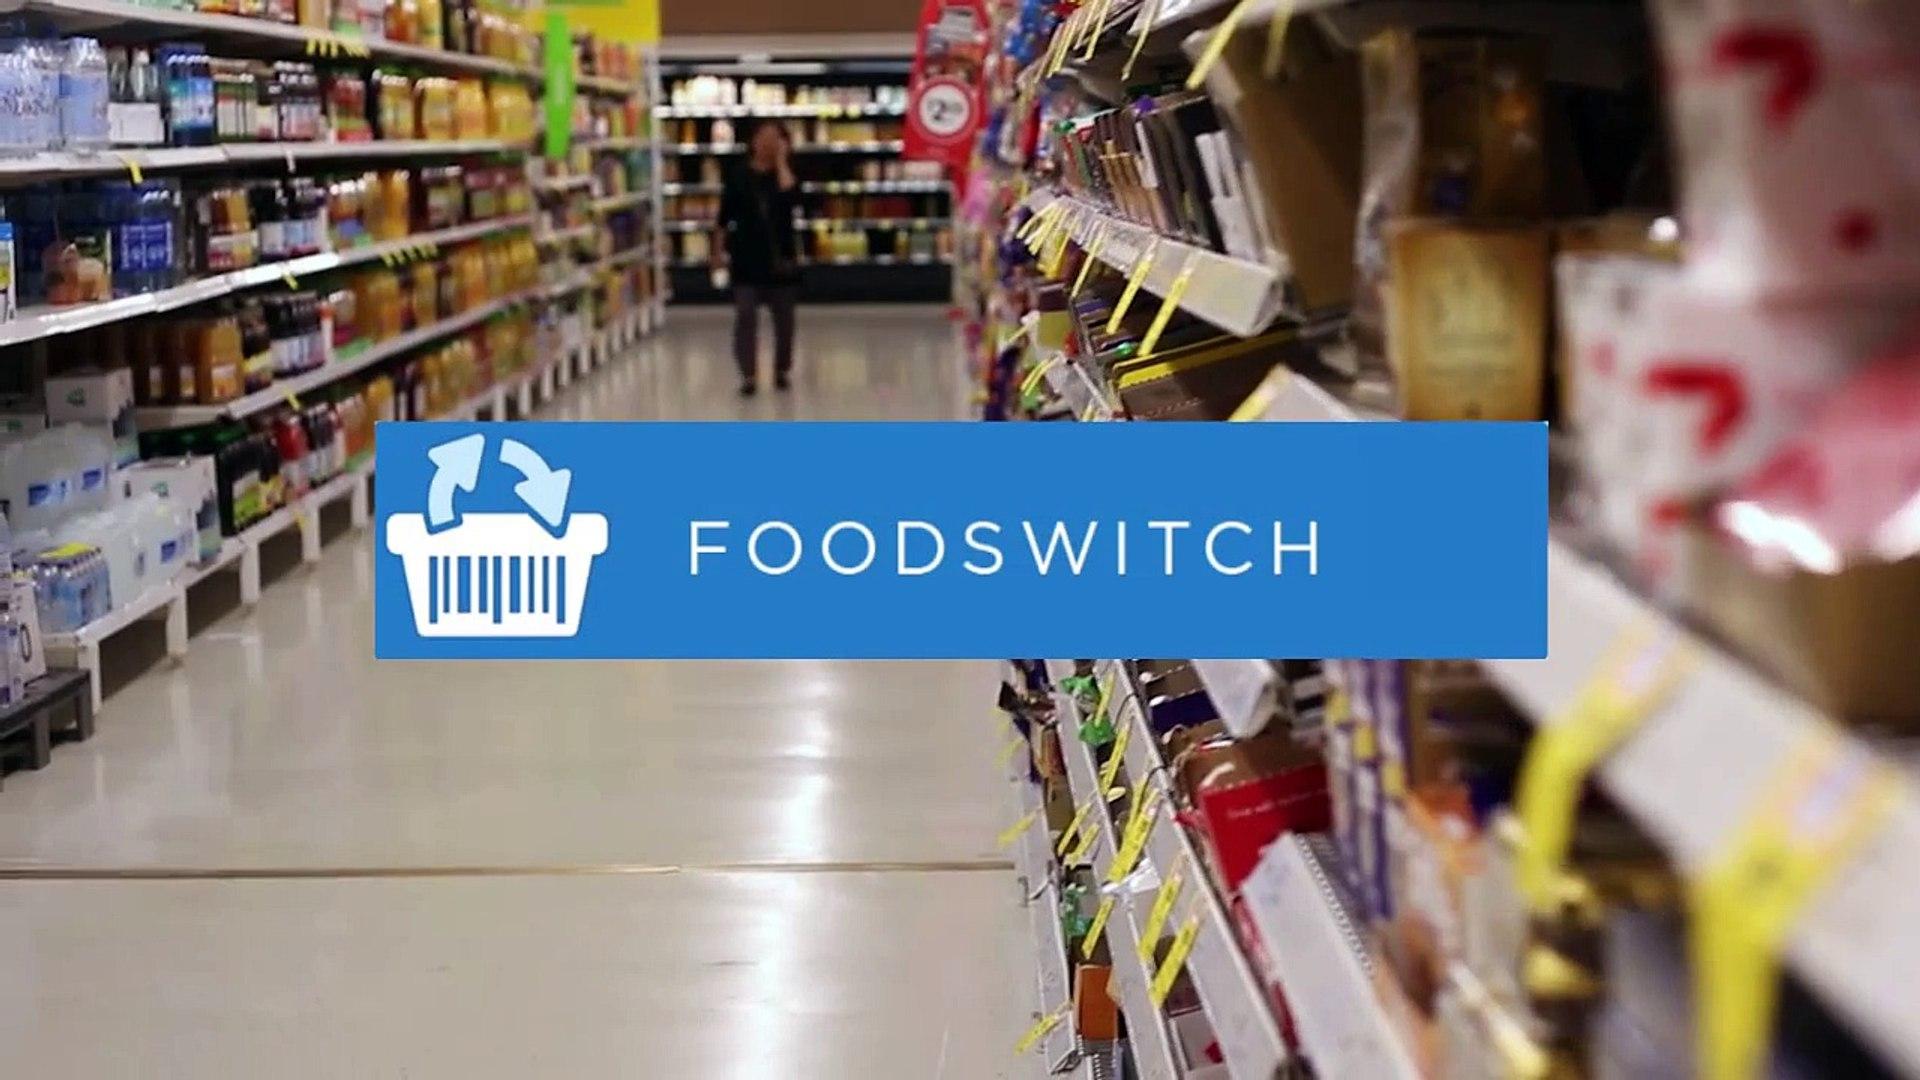 Foodswitch Showcase